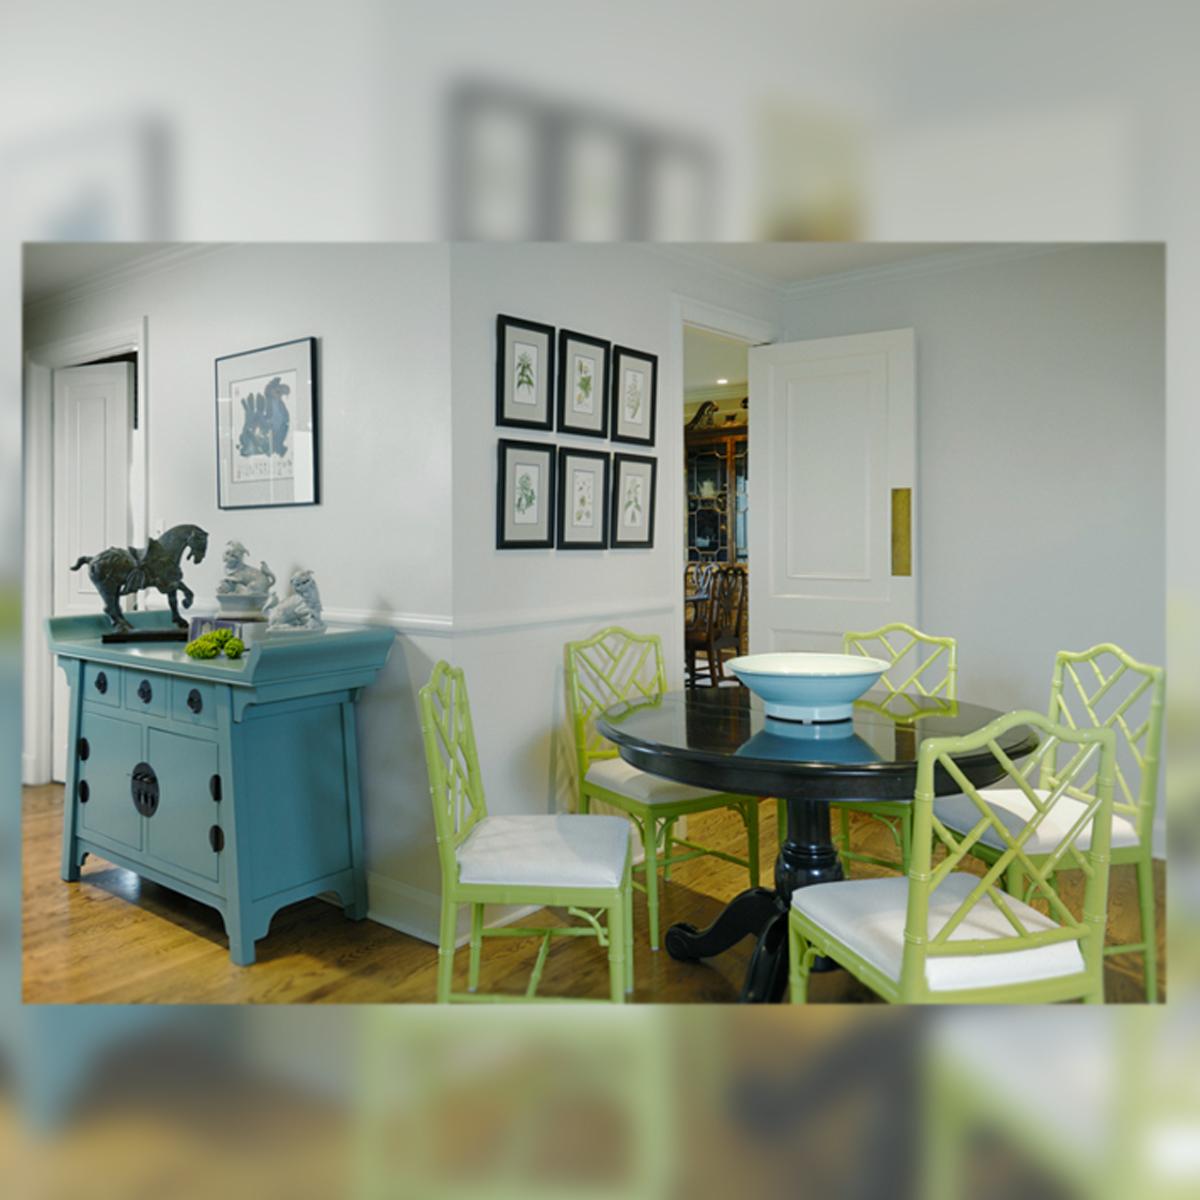 Decoraci n interior en verde azul y gris la musa decoraci n - Decoracion actual de interiores ...